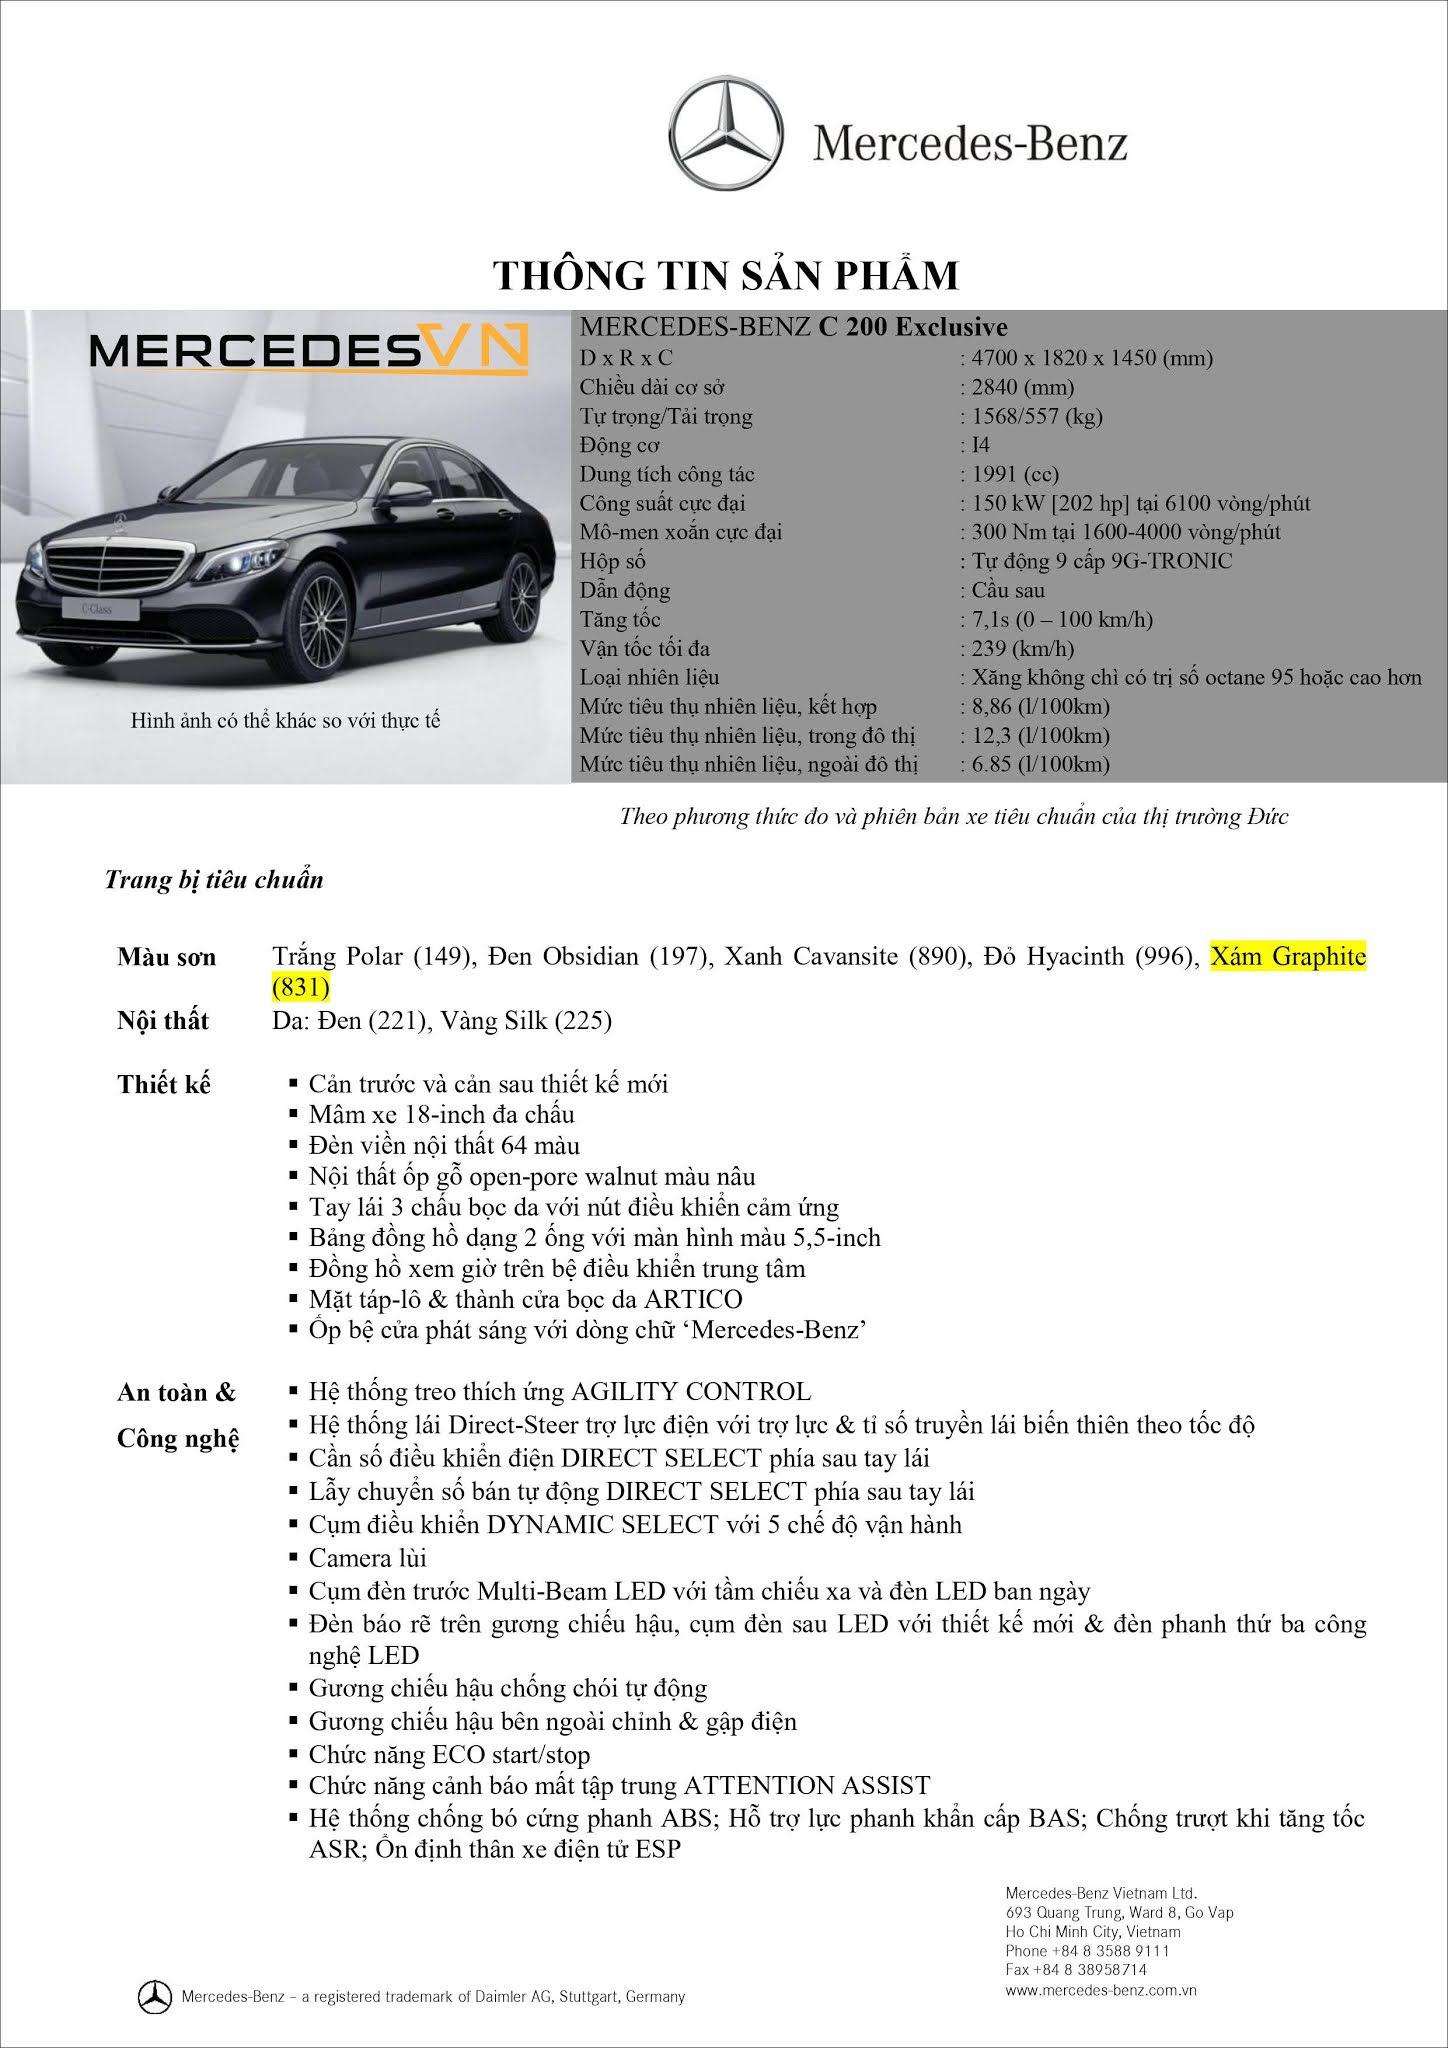 Bảng thông số kỹ thuật Mercedes C200 Exclusive 2021